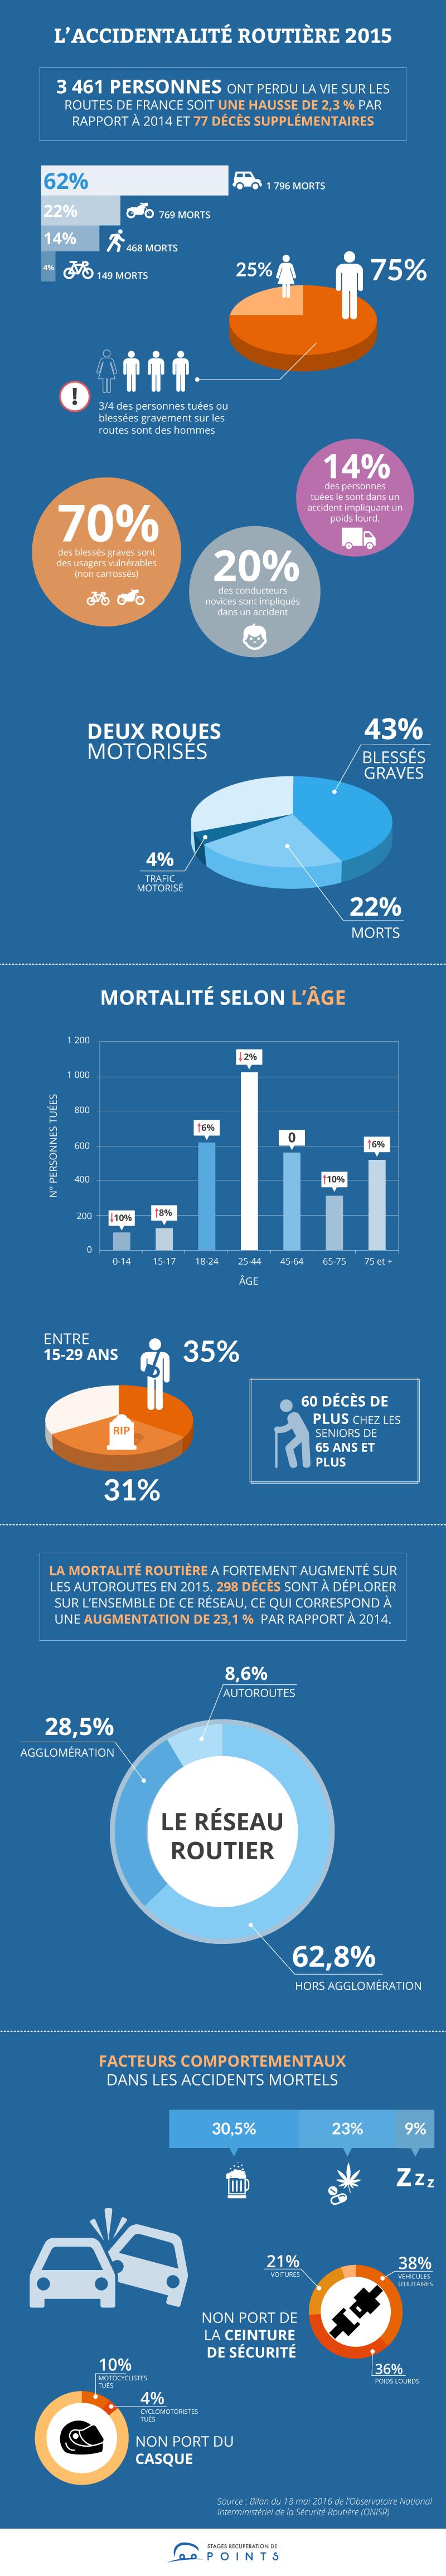 infographie bilan 2015 de la sécurité routière